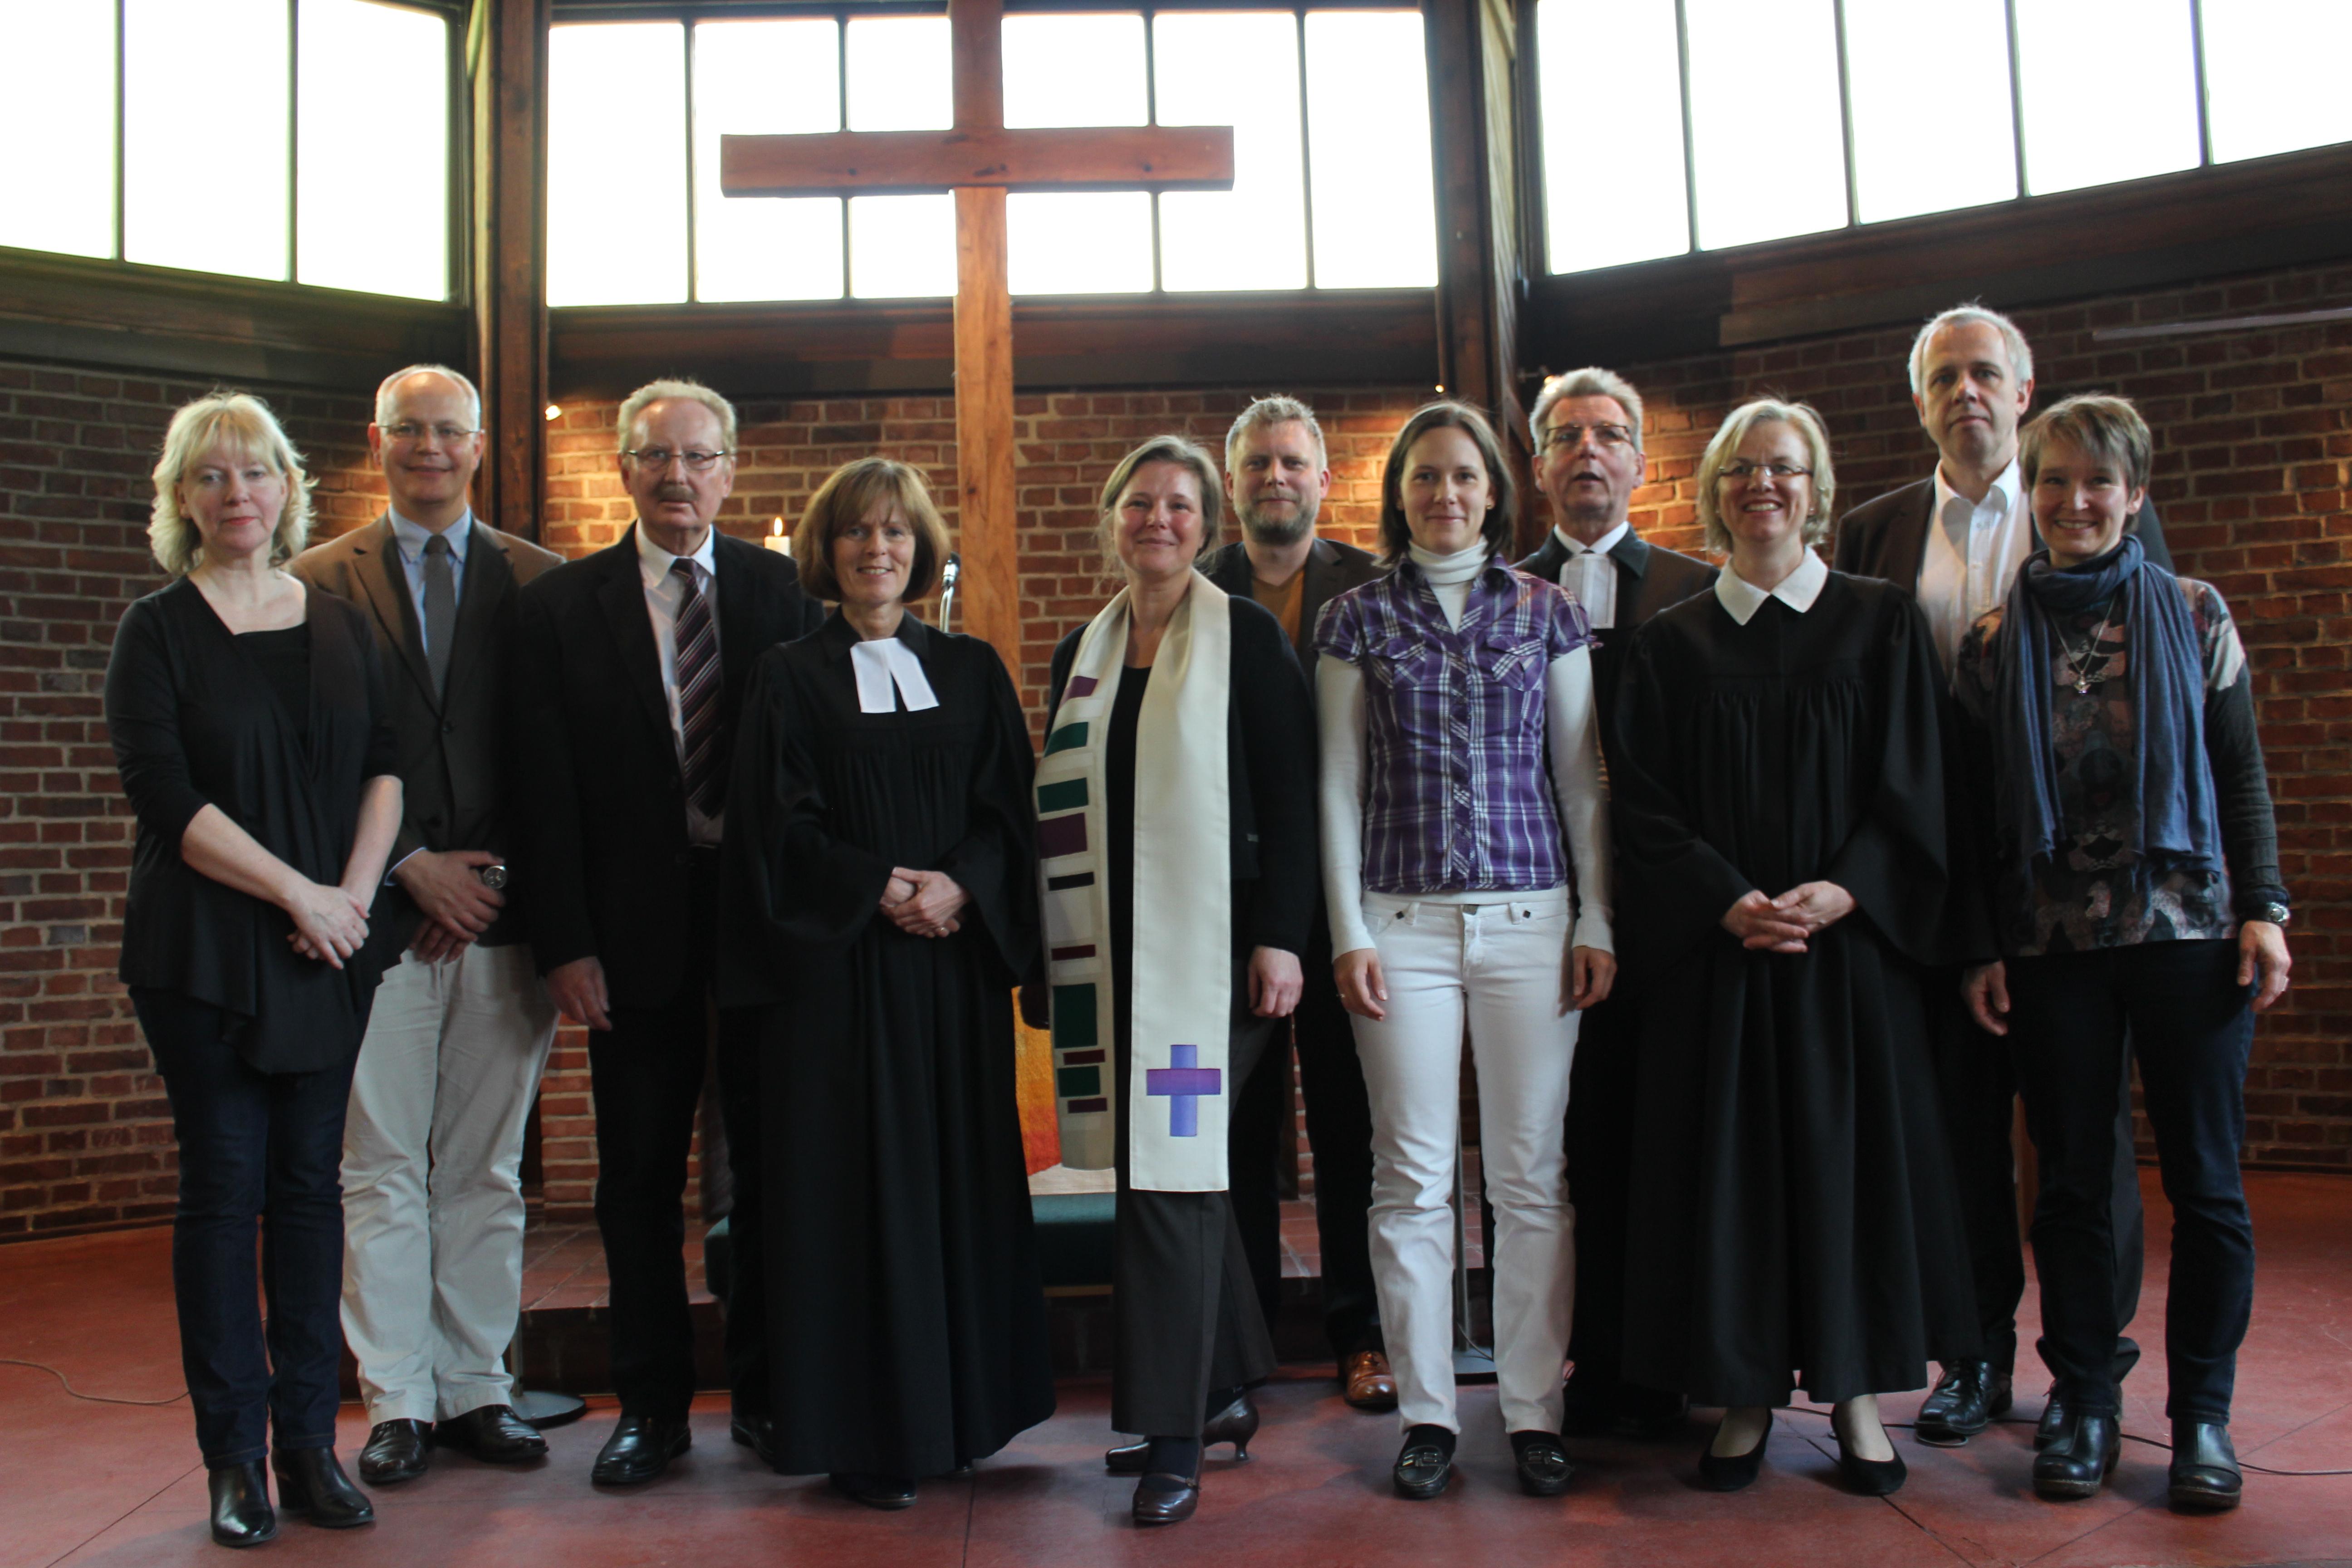 Paul-Gerhardt-Kirchengemeinde führt Natascha Luther in das Amt als Prädikantin ein